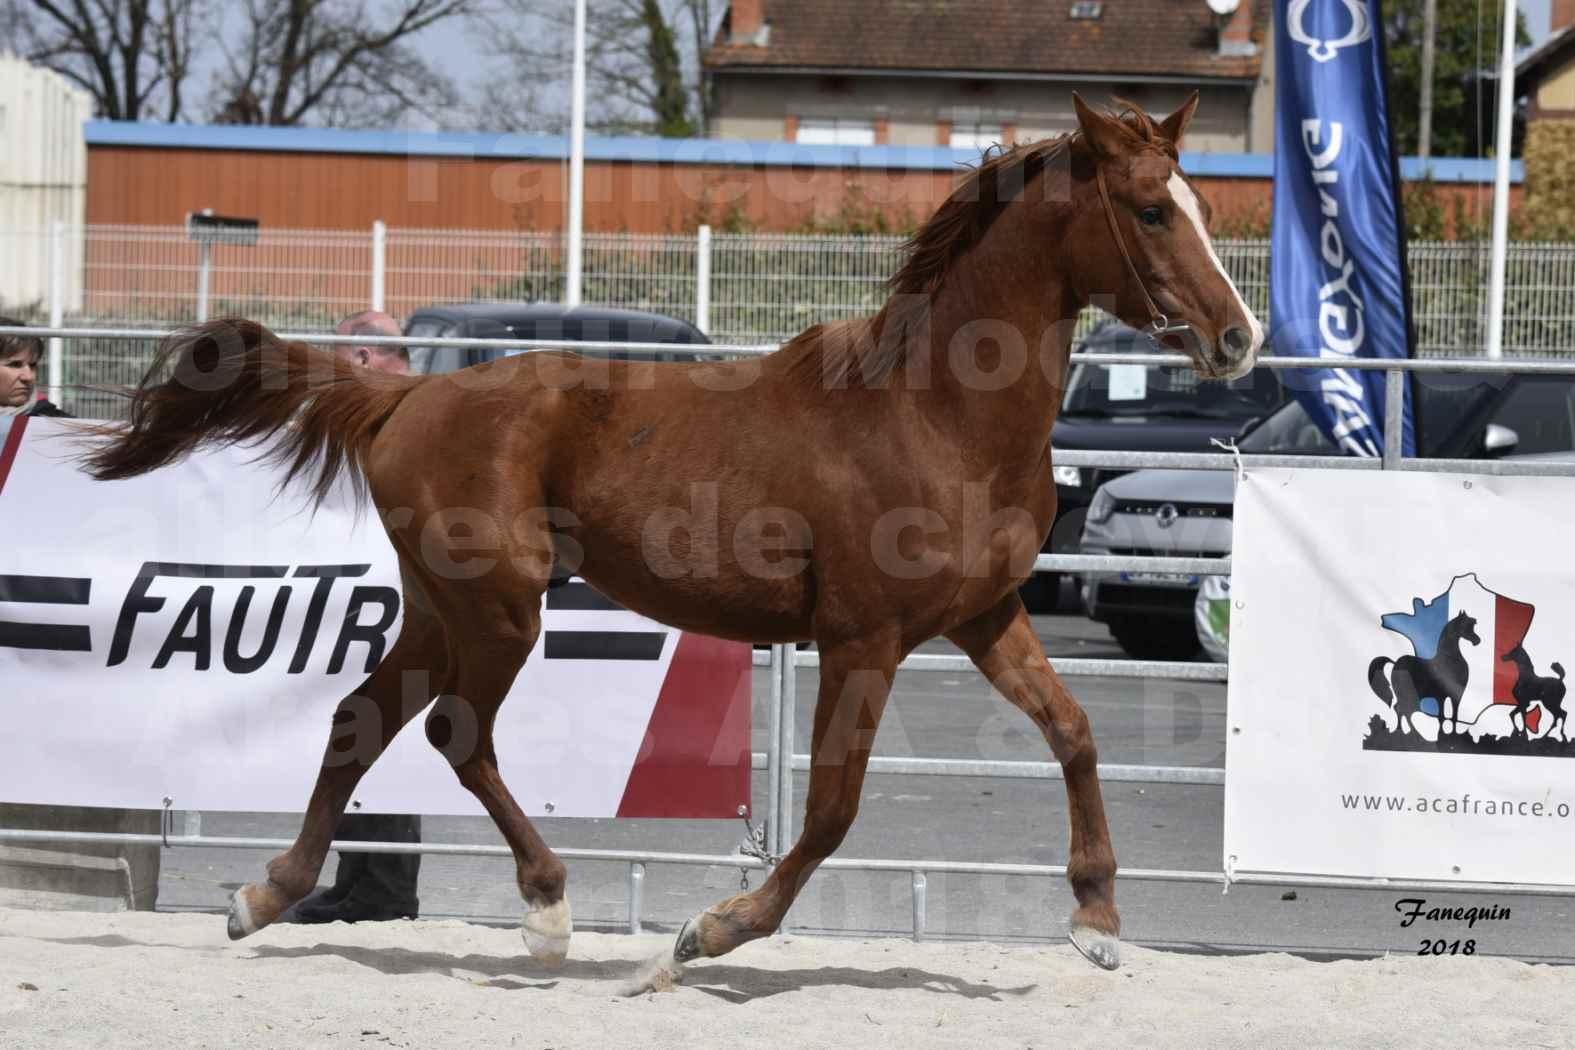 Concours d'élevage de Chevaux Arabes - D. S. A. - A. A. - ALBI les 6 & 7 Avril 2018 - FLEURON CONDO - Notre Sélection - 2